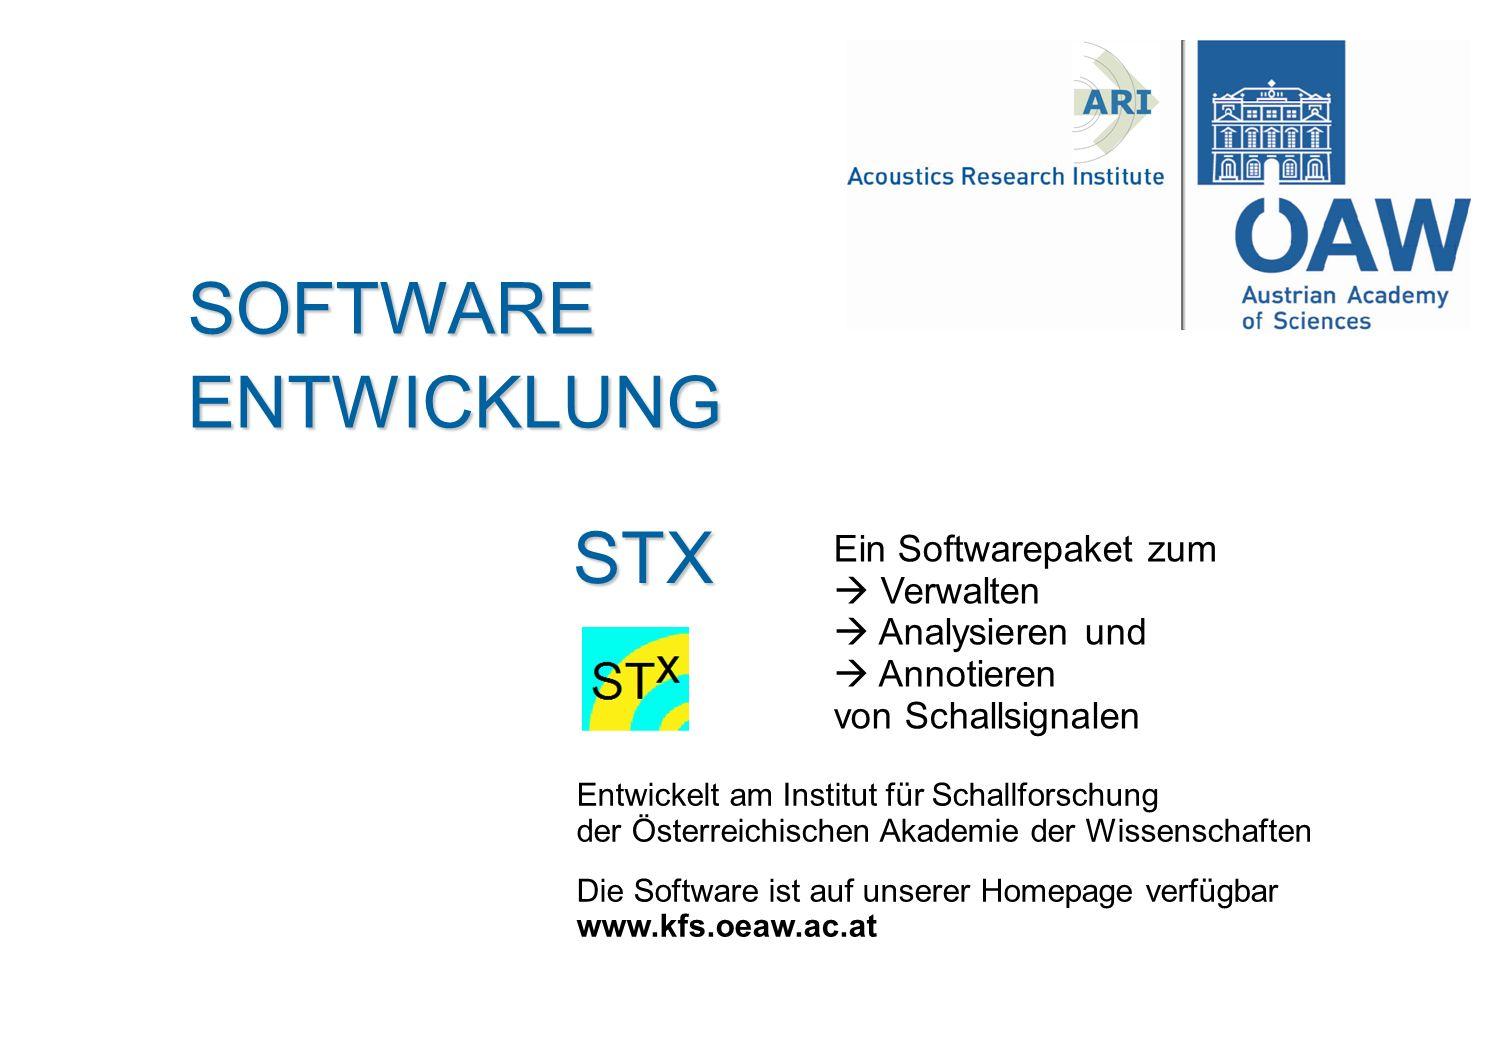 Ein Softwarepaket zum Verwalten Analysieren und Annotieren von Schallsignalen SOFTWARE STX ENTWICKLUNG Entwickelt am Institut für Schallforschung der